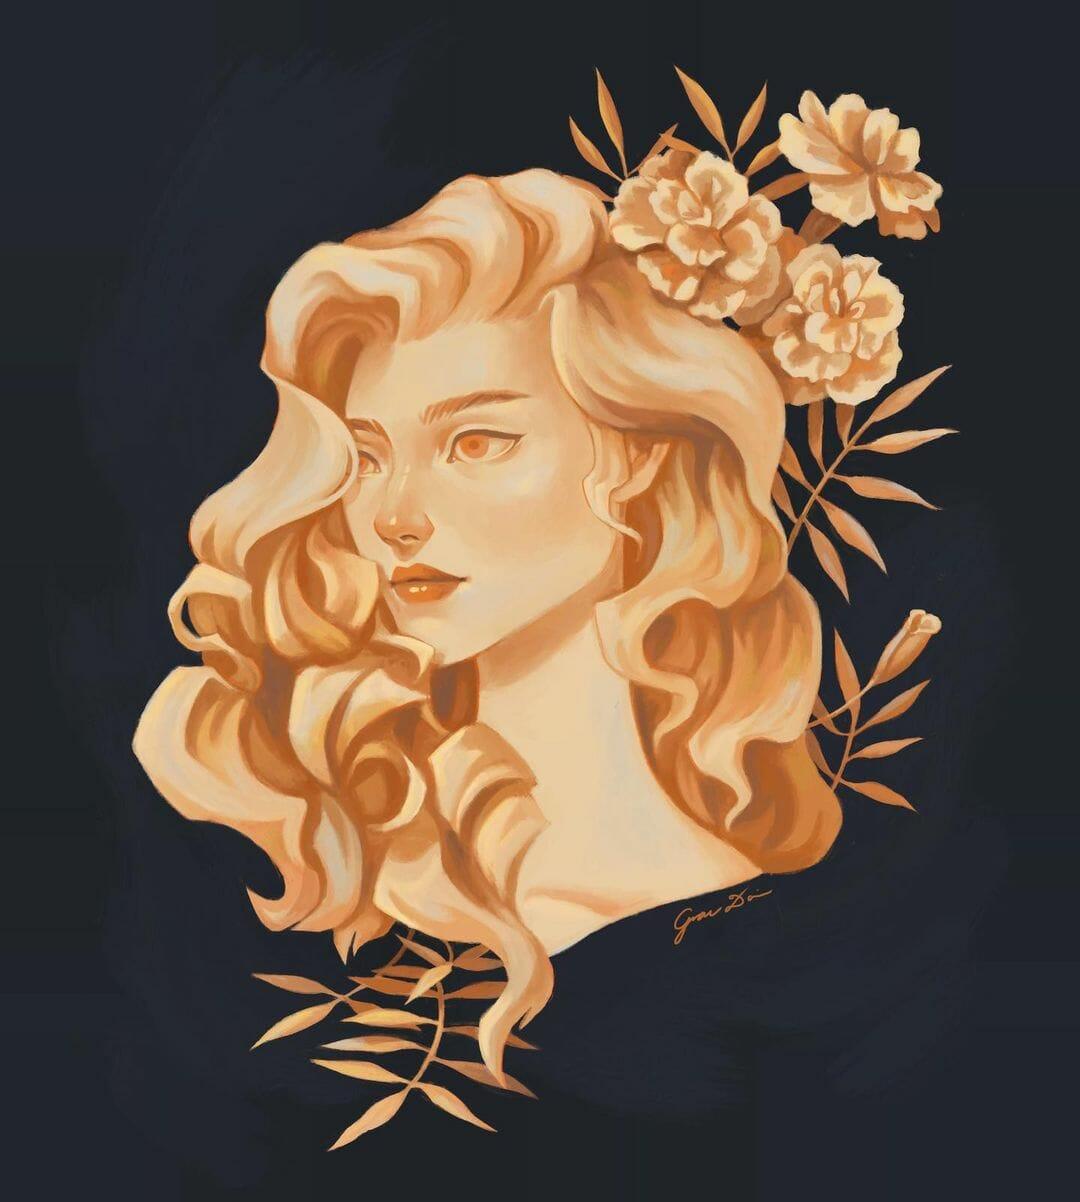 Portrait d'une femme, couleurs orangées, des feuillages derrière elle.